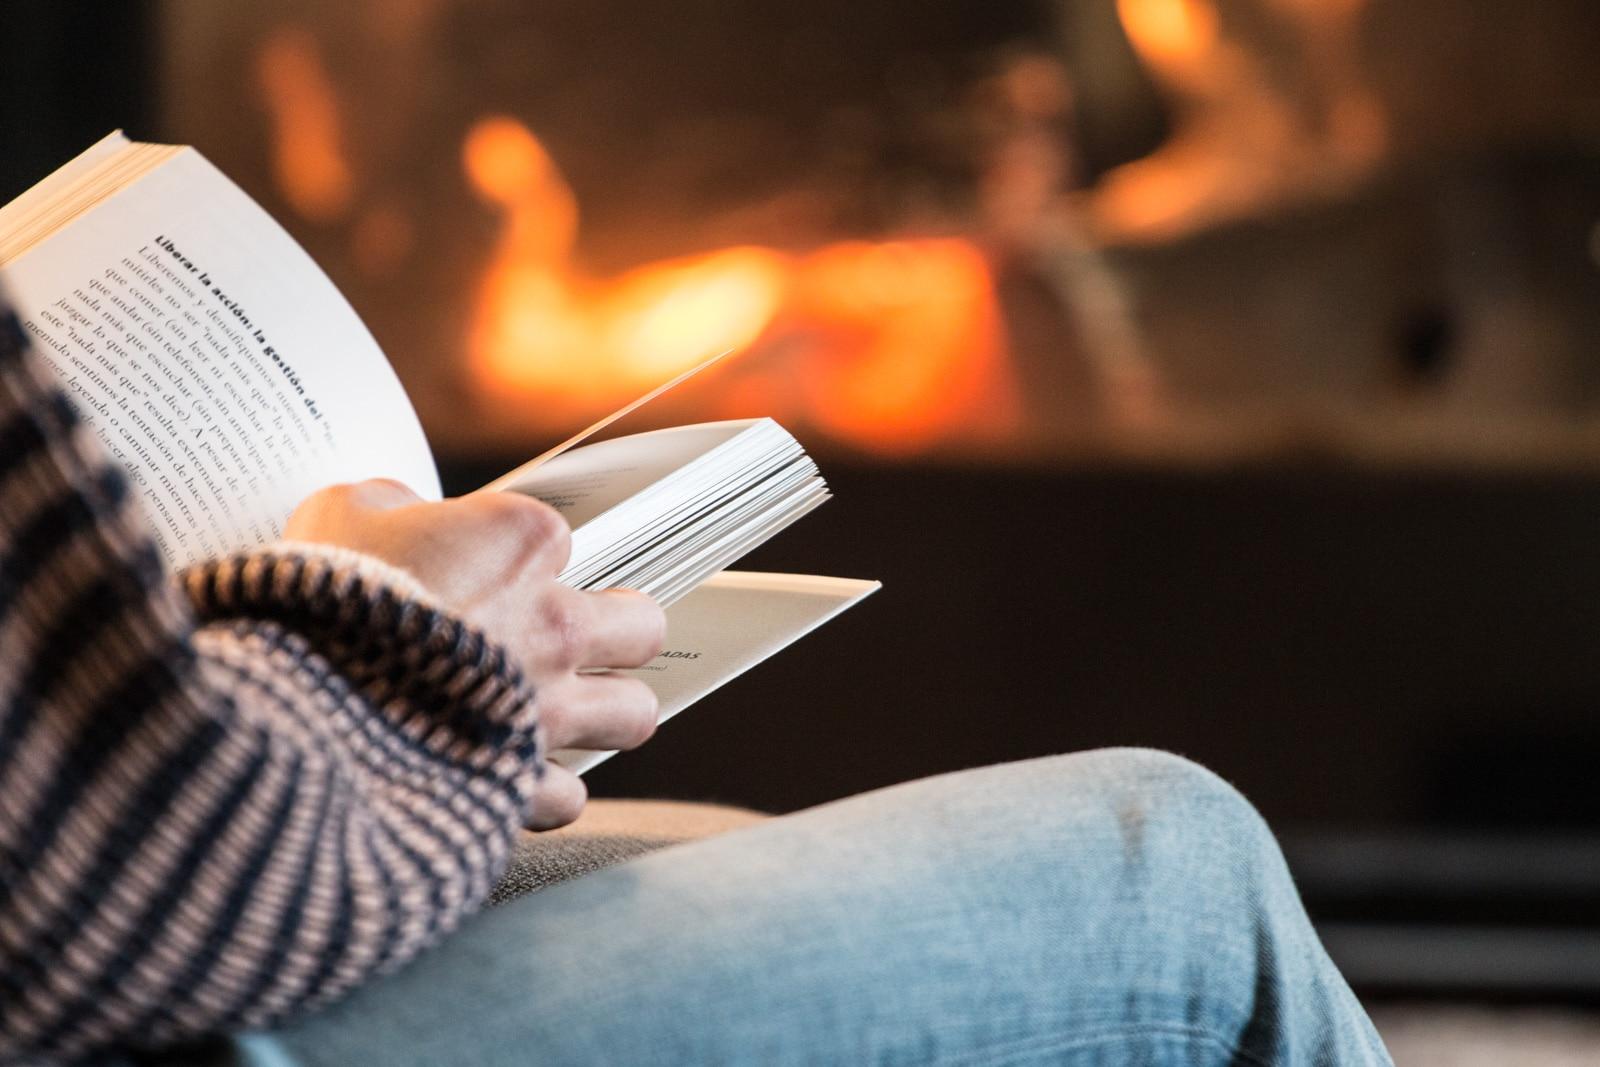 libro estufa leña casa rural lujo